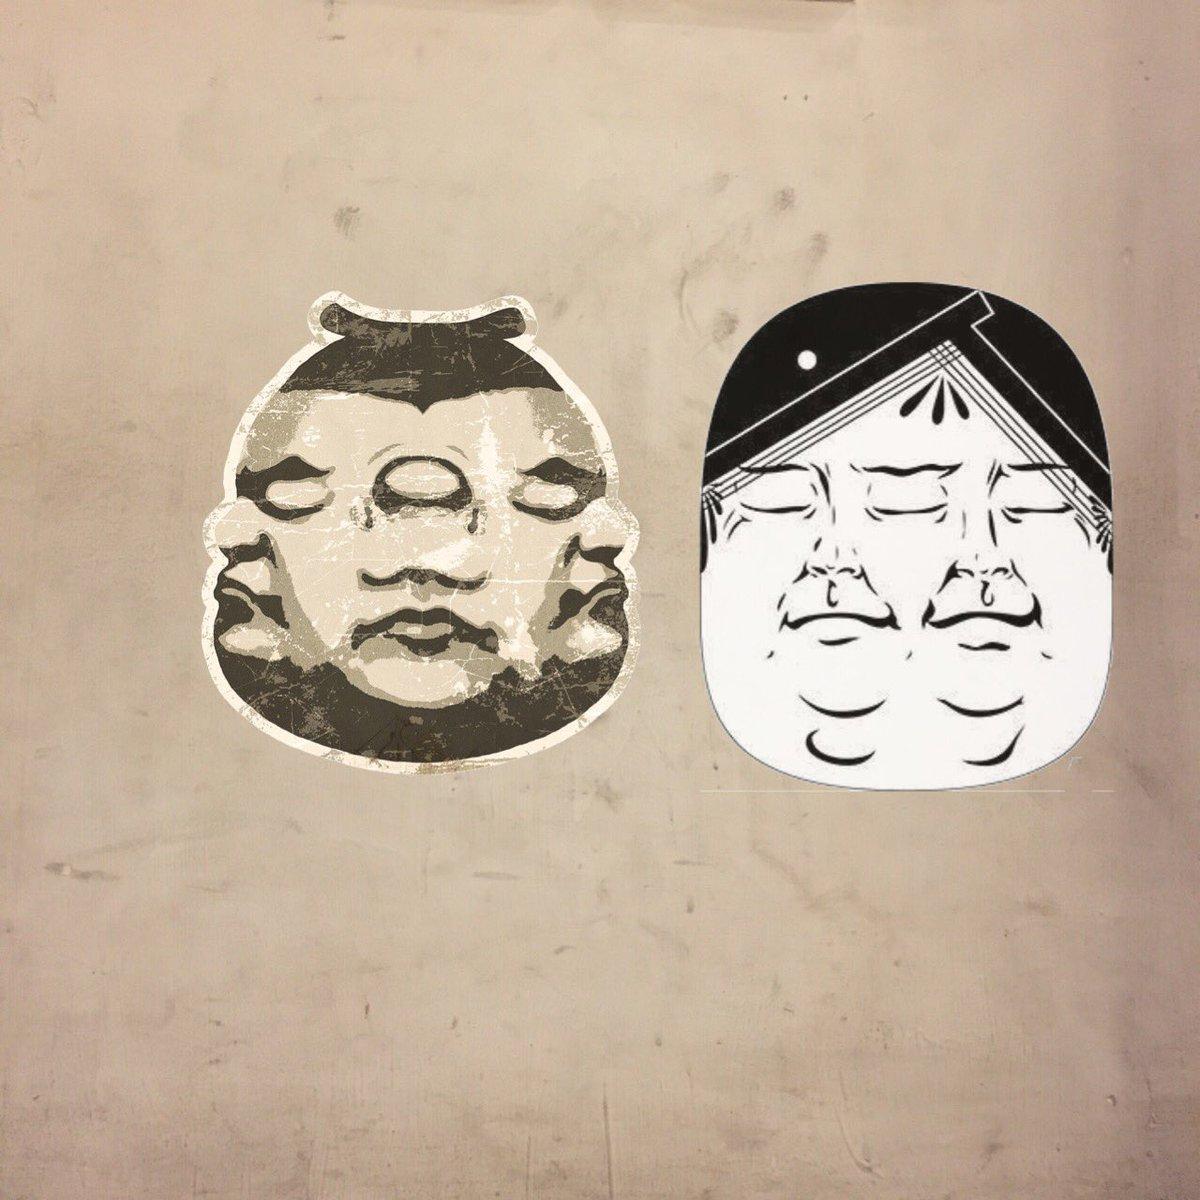 2つの力士シール  #chaos_child #カオチャ